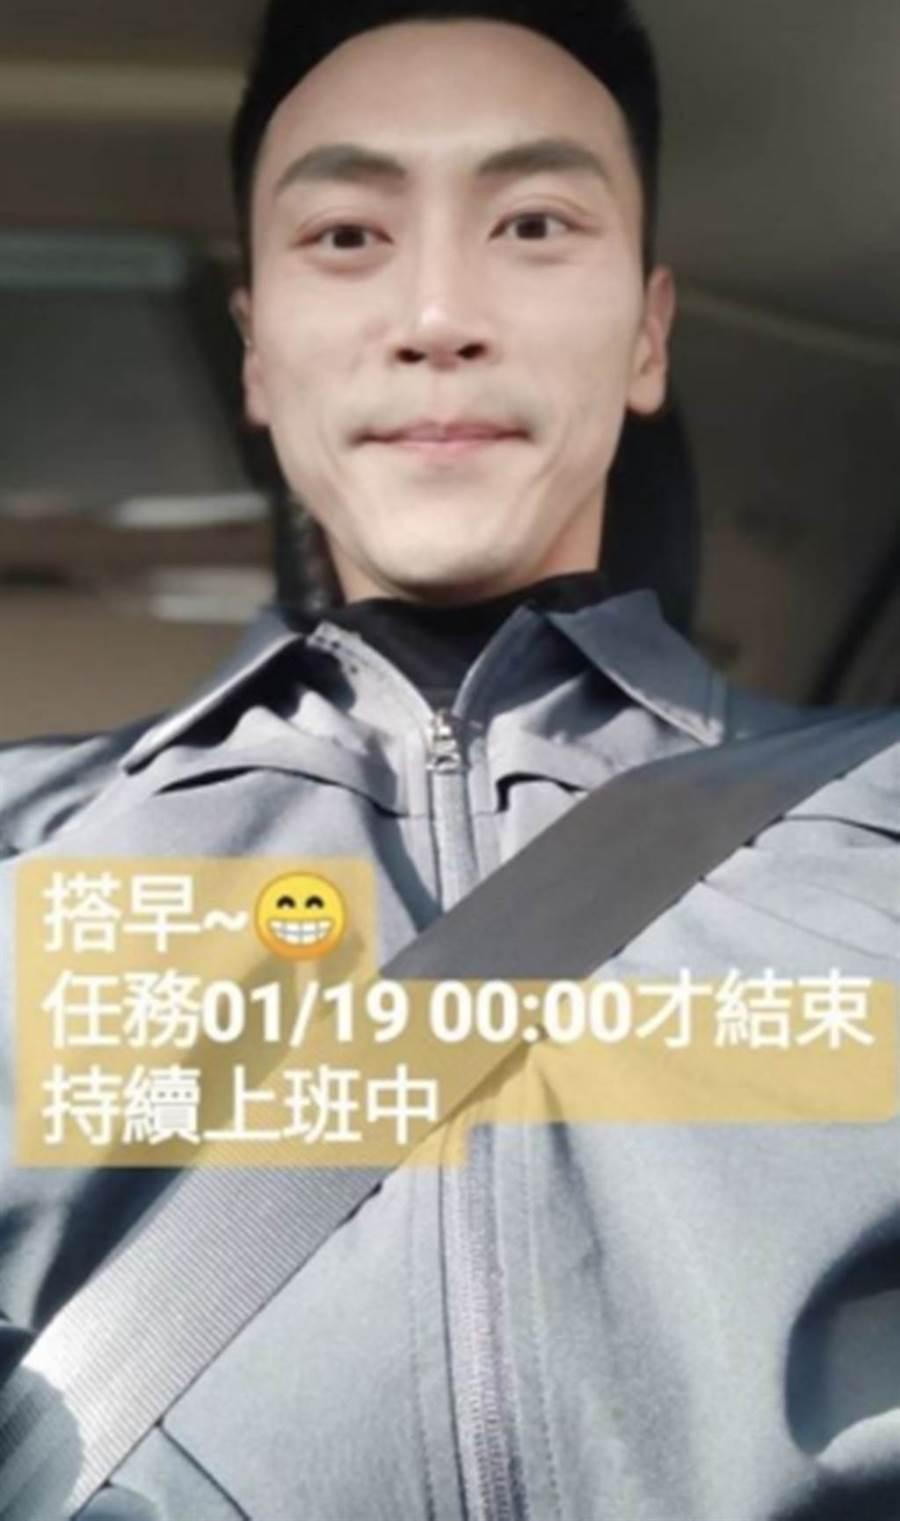 「特勤吳彥祖」限時動態曝「任務結束時間」,不過已經遭刪除。(圖/林政宏IG)